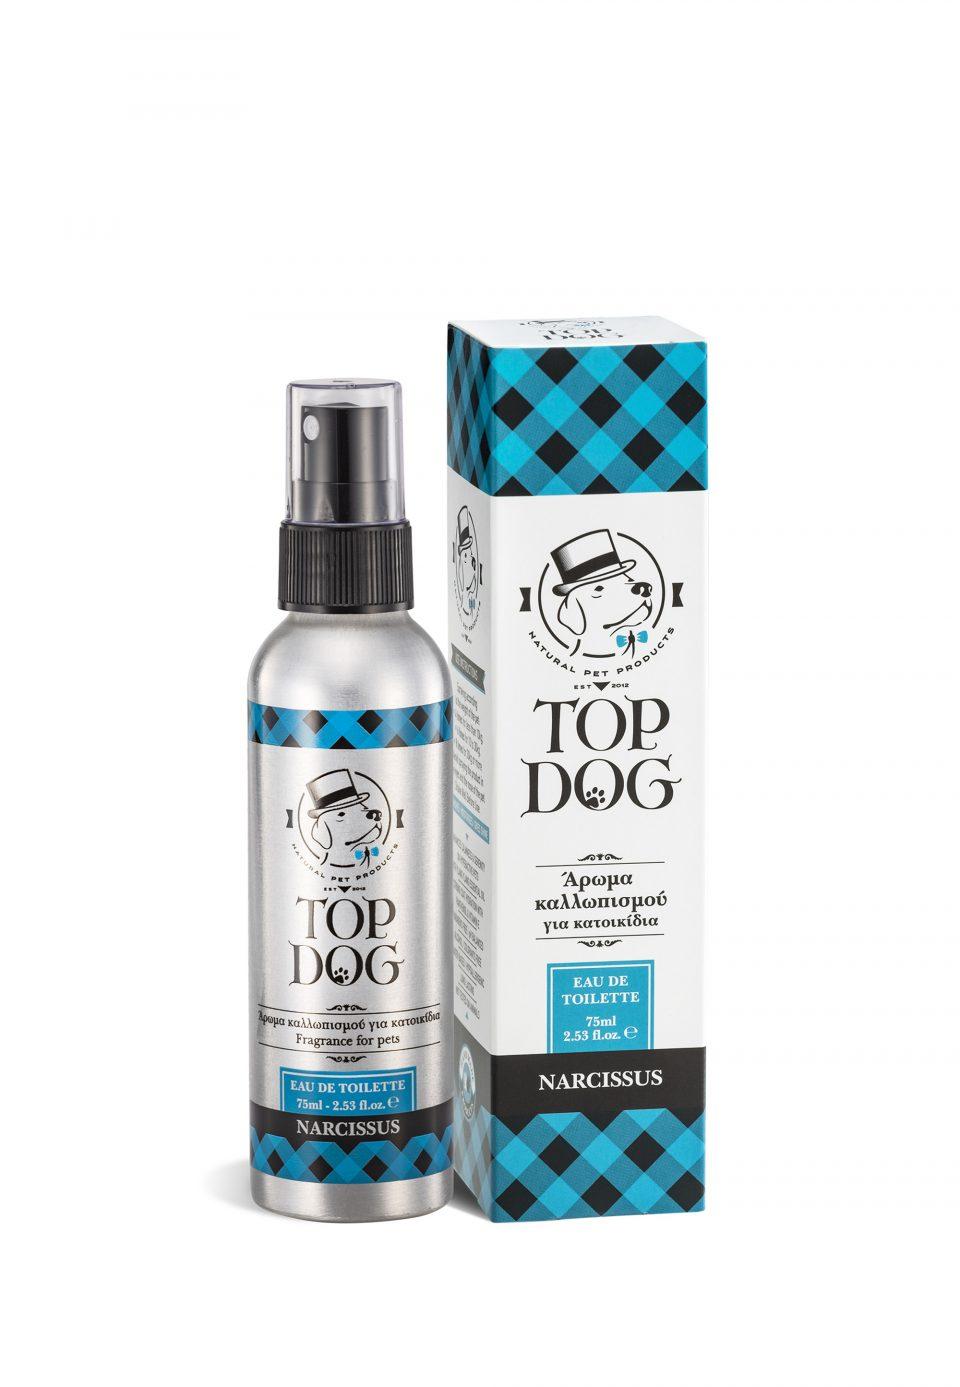 Άρωμα Καλλωπισμού Top Dog Narcissus